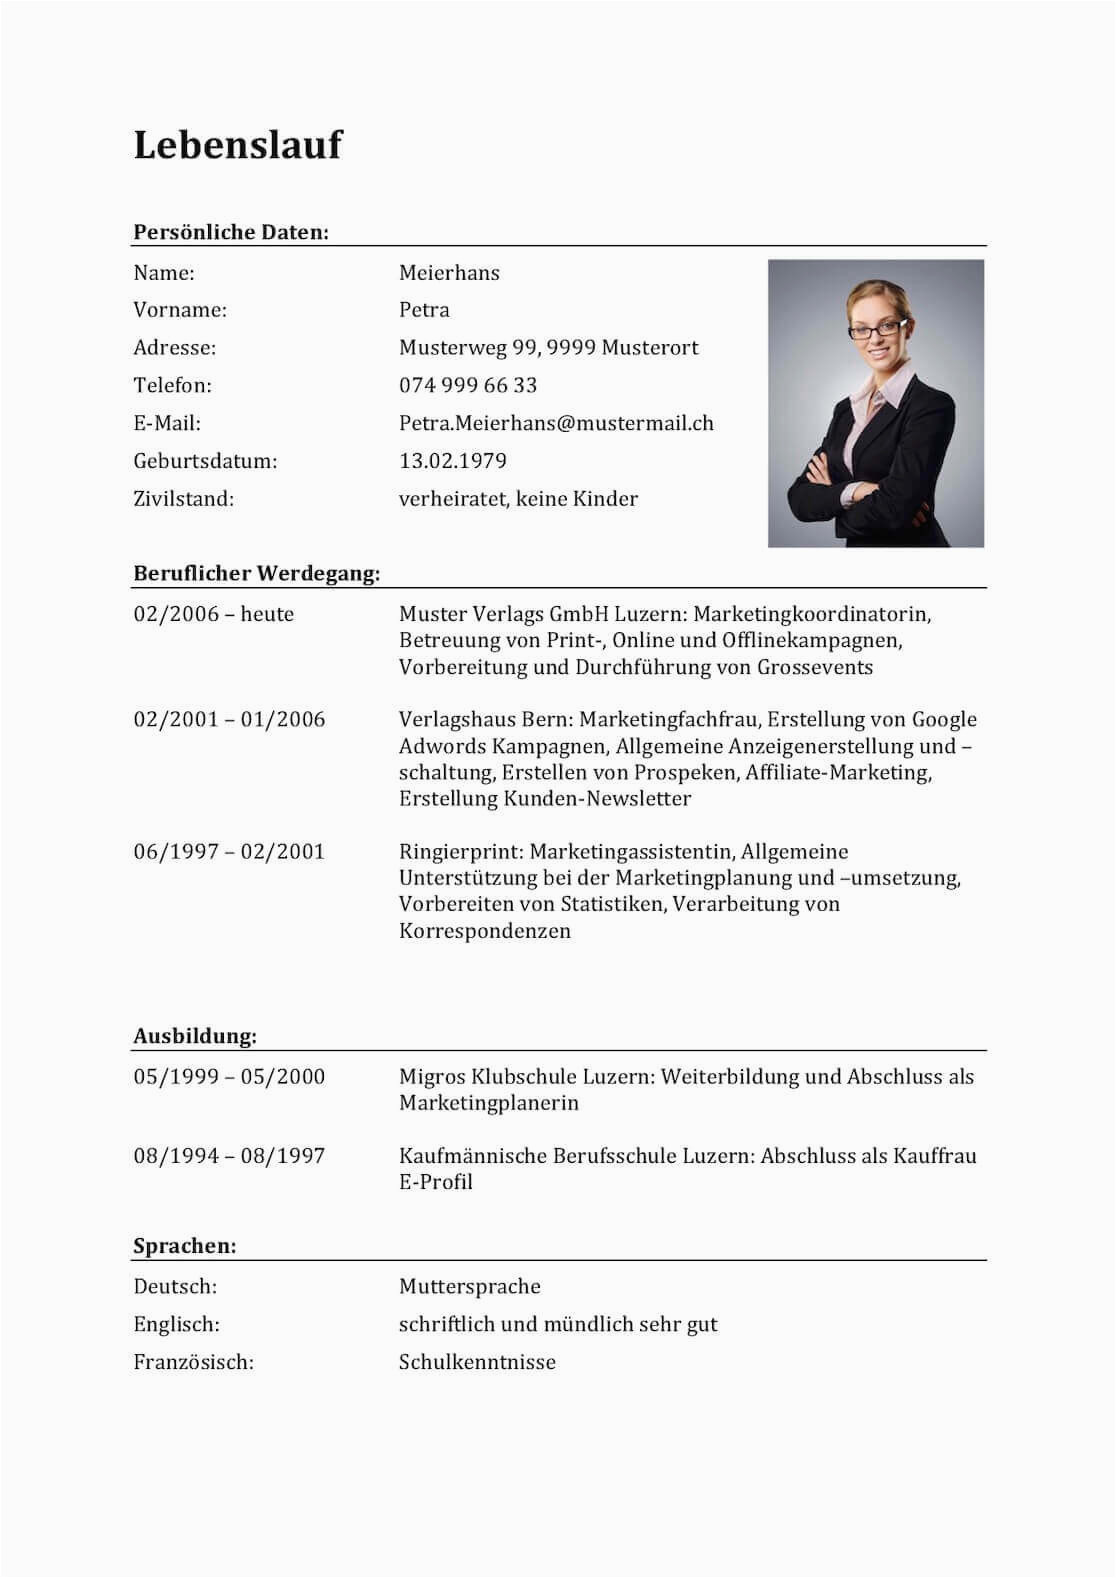 Lebenslauf Vorlagen Ch Lebenslauf Vorlagen & Muster Für Bewerbung In Der Schweiz